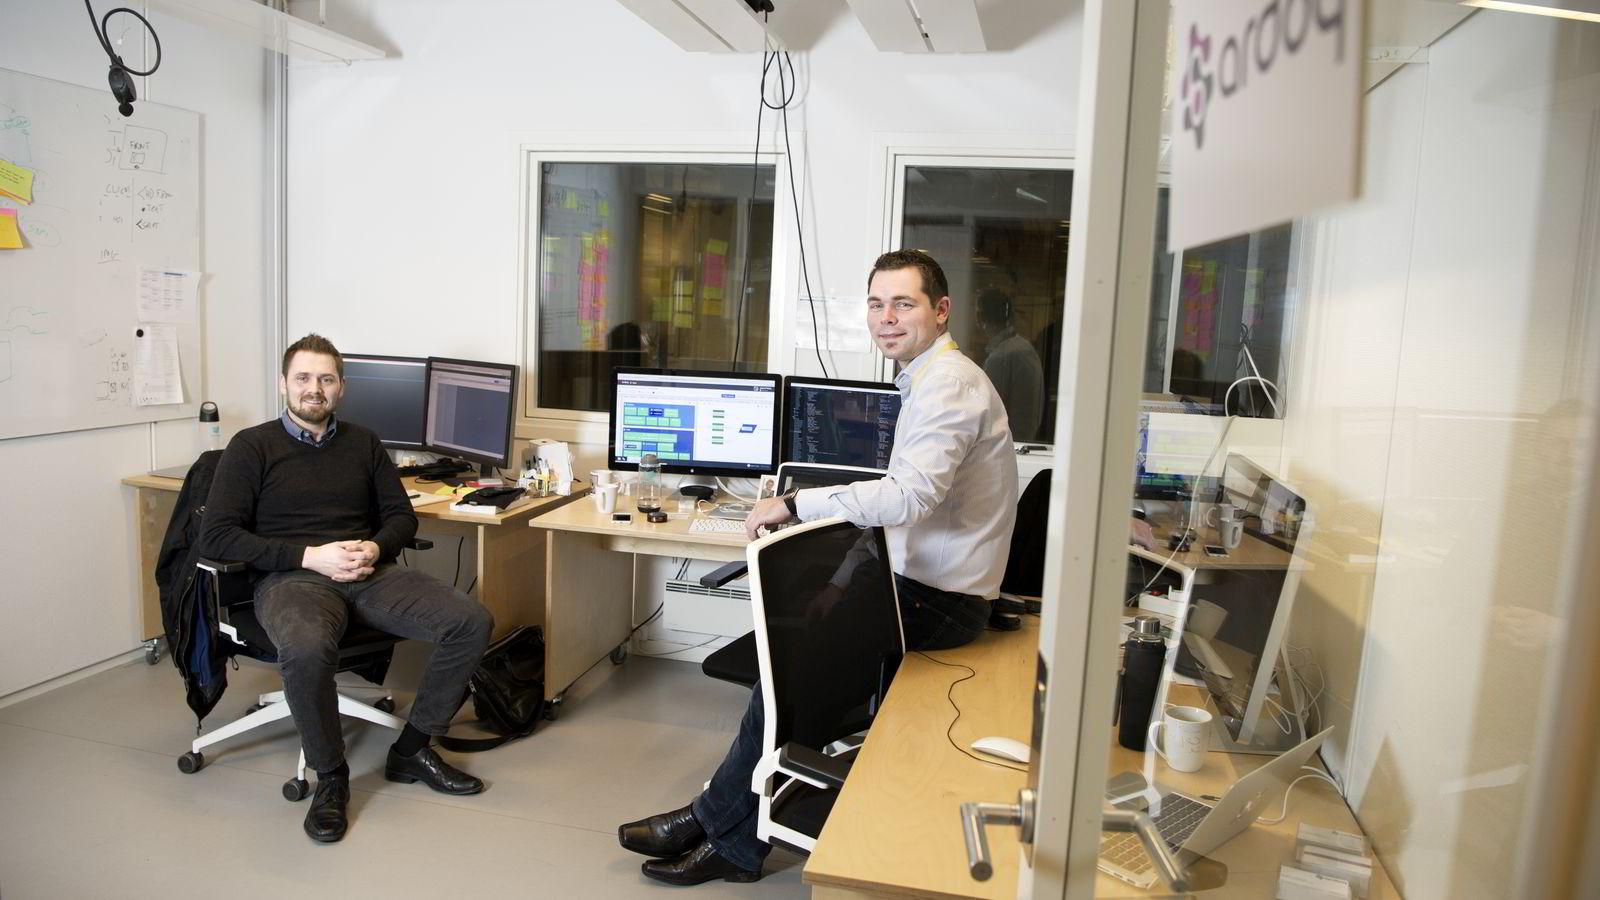 Har du kjent på frustrasjonen over innfløkte it-systemer på arbeidsplassen? Erik Bakstad (til venstre) og Magnulf Pilskog tar sikte på å løse problemet.